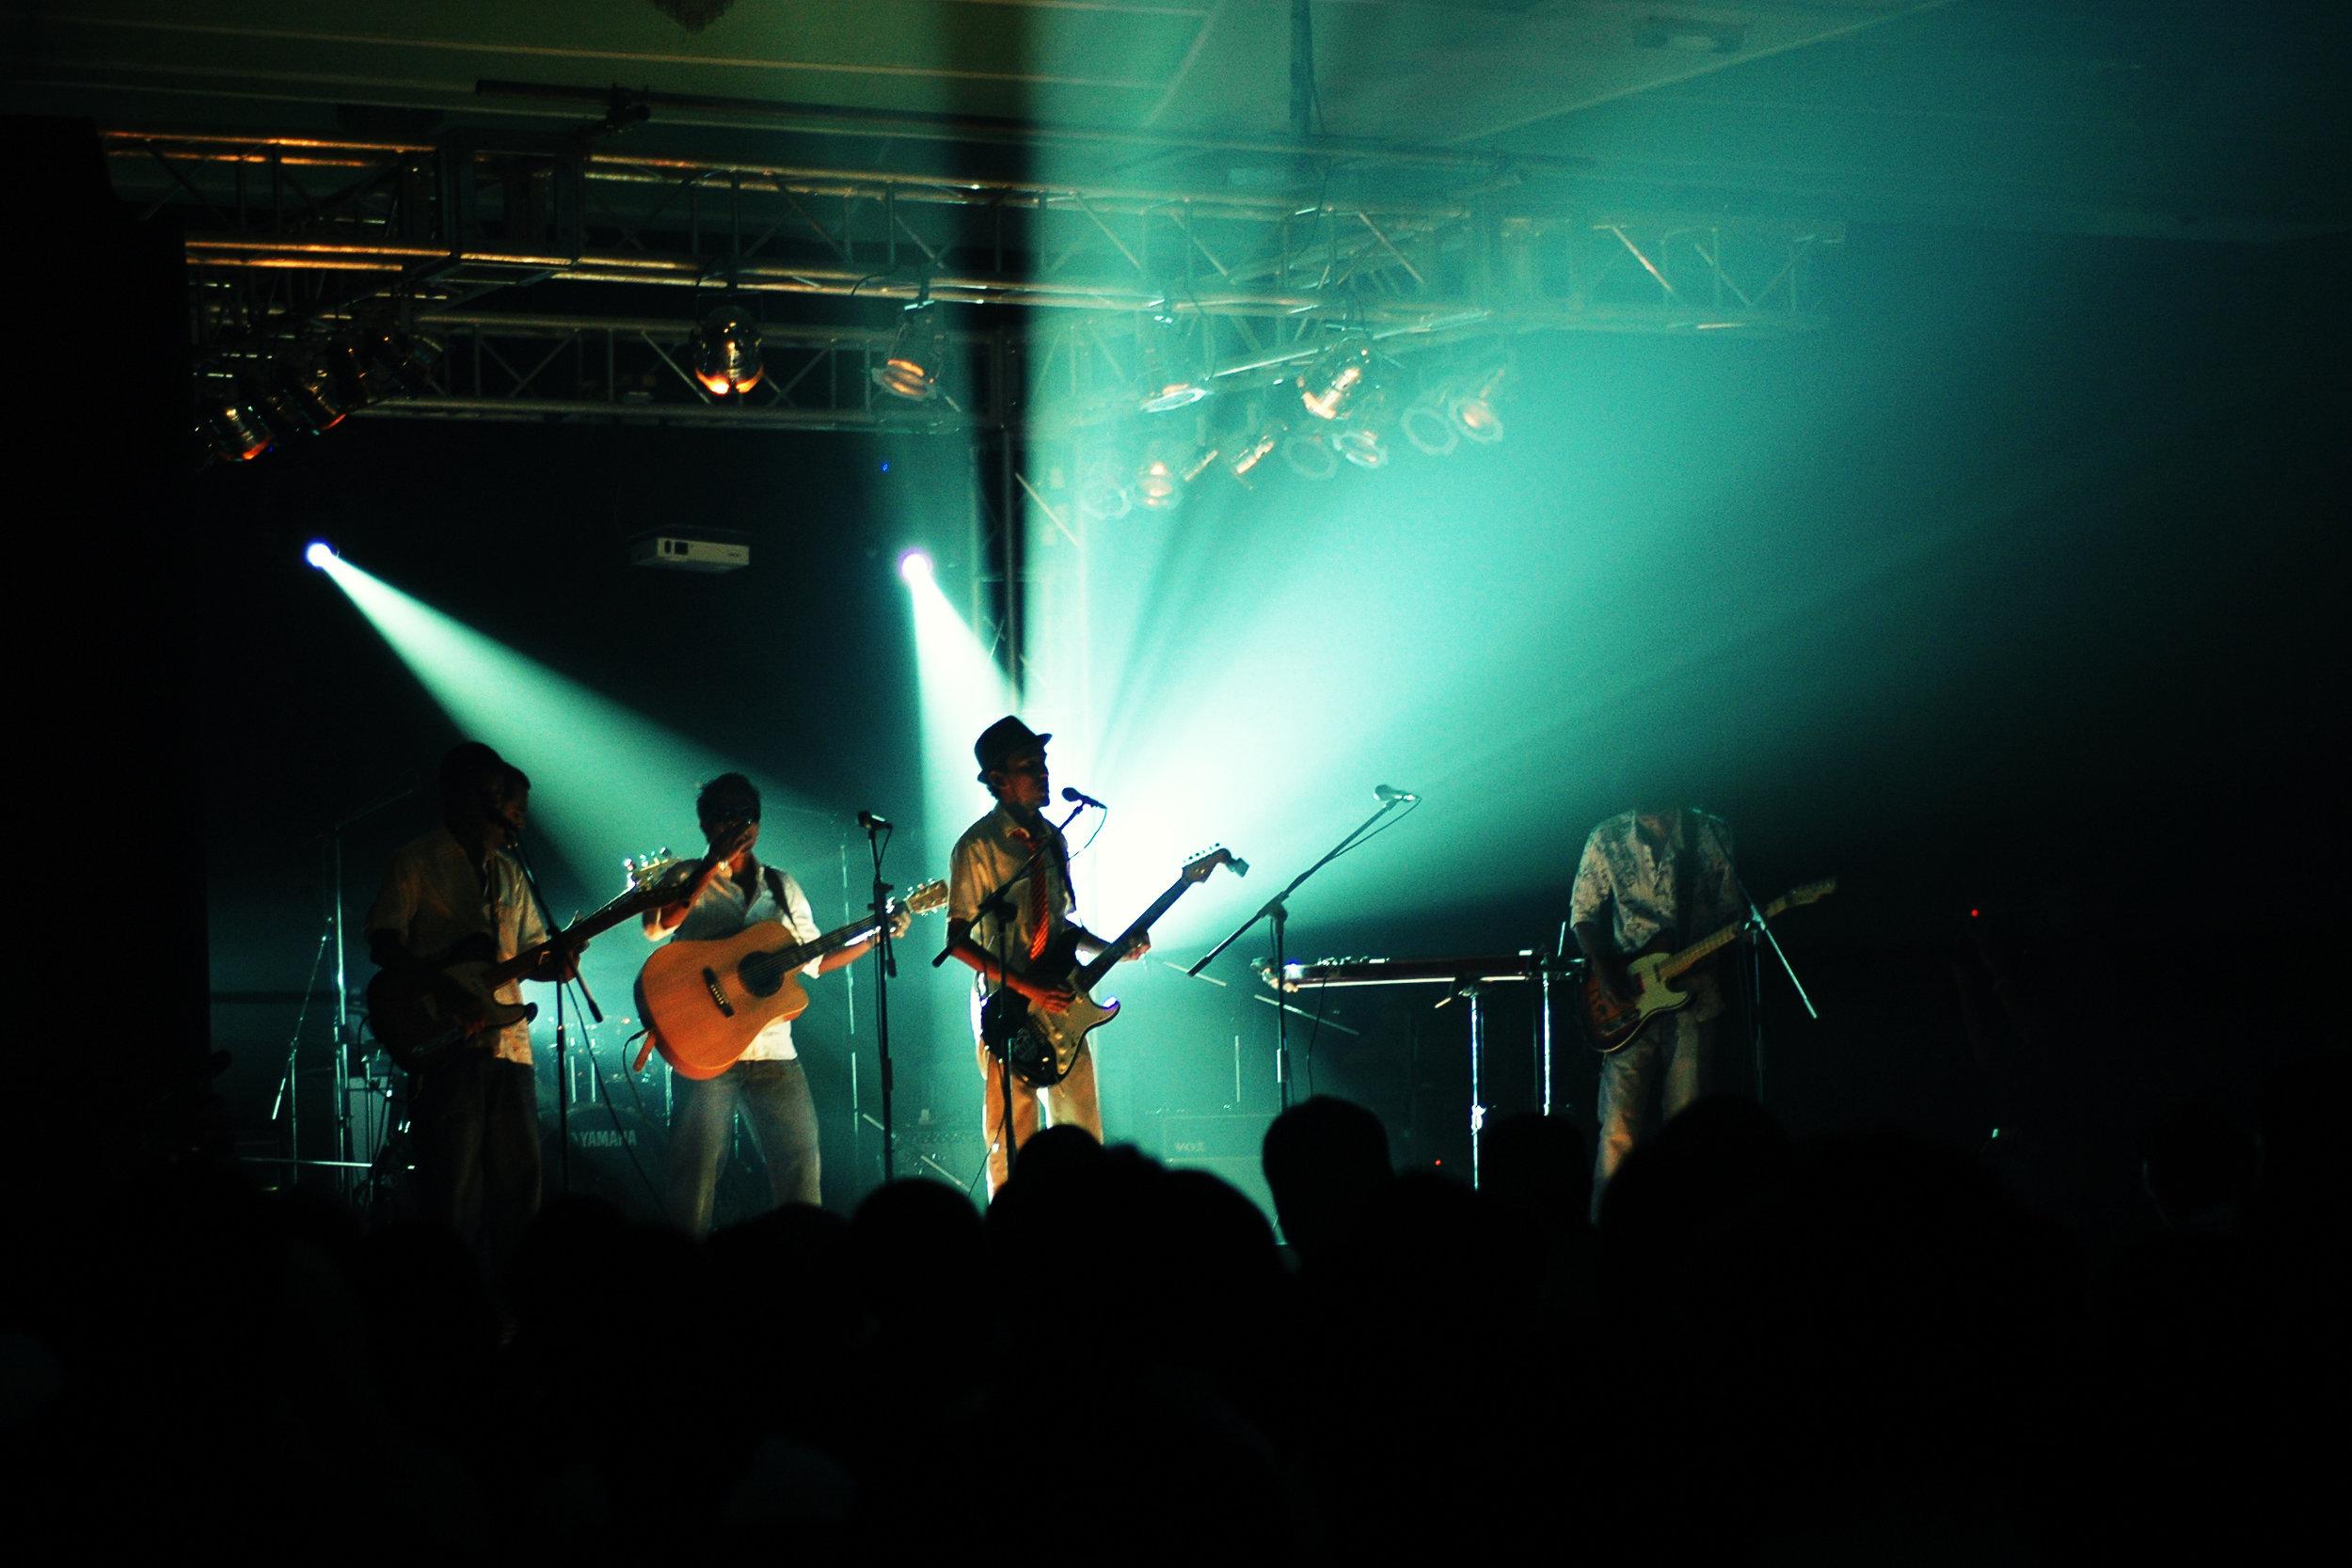 2009-08-19 - Male' City - Dharubaaruge' - Eku Ekee Album Launch - D70s-7941.jpg